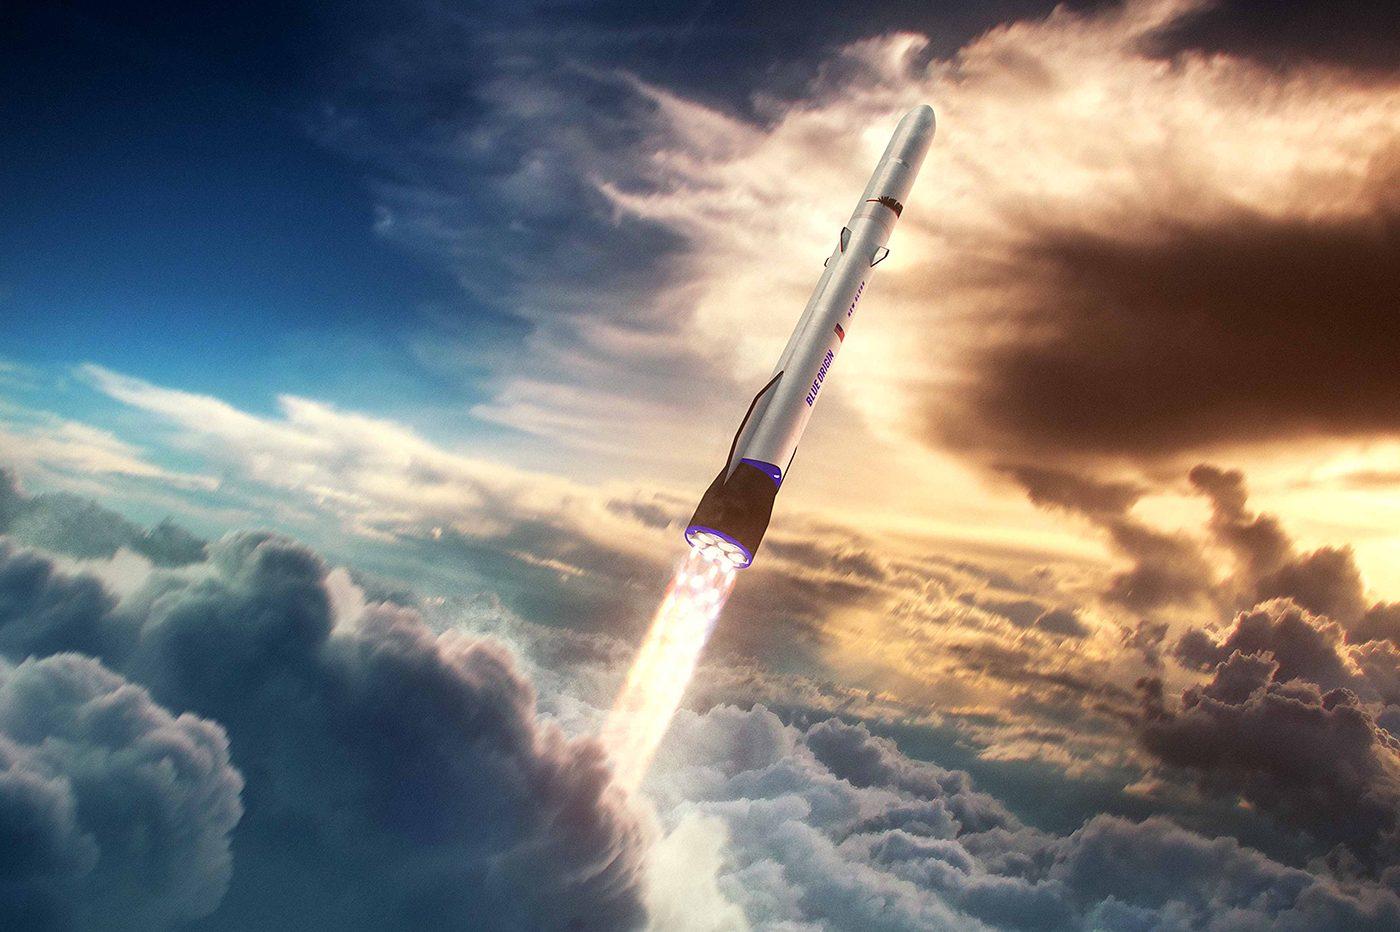 Jeff Bezos repousse le lancement de la fusée New Glenn, et tacle l'US Space Force